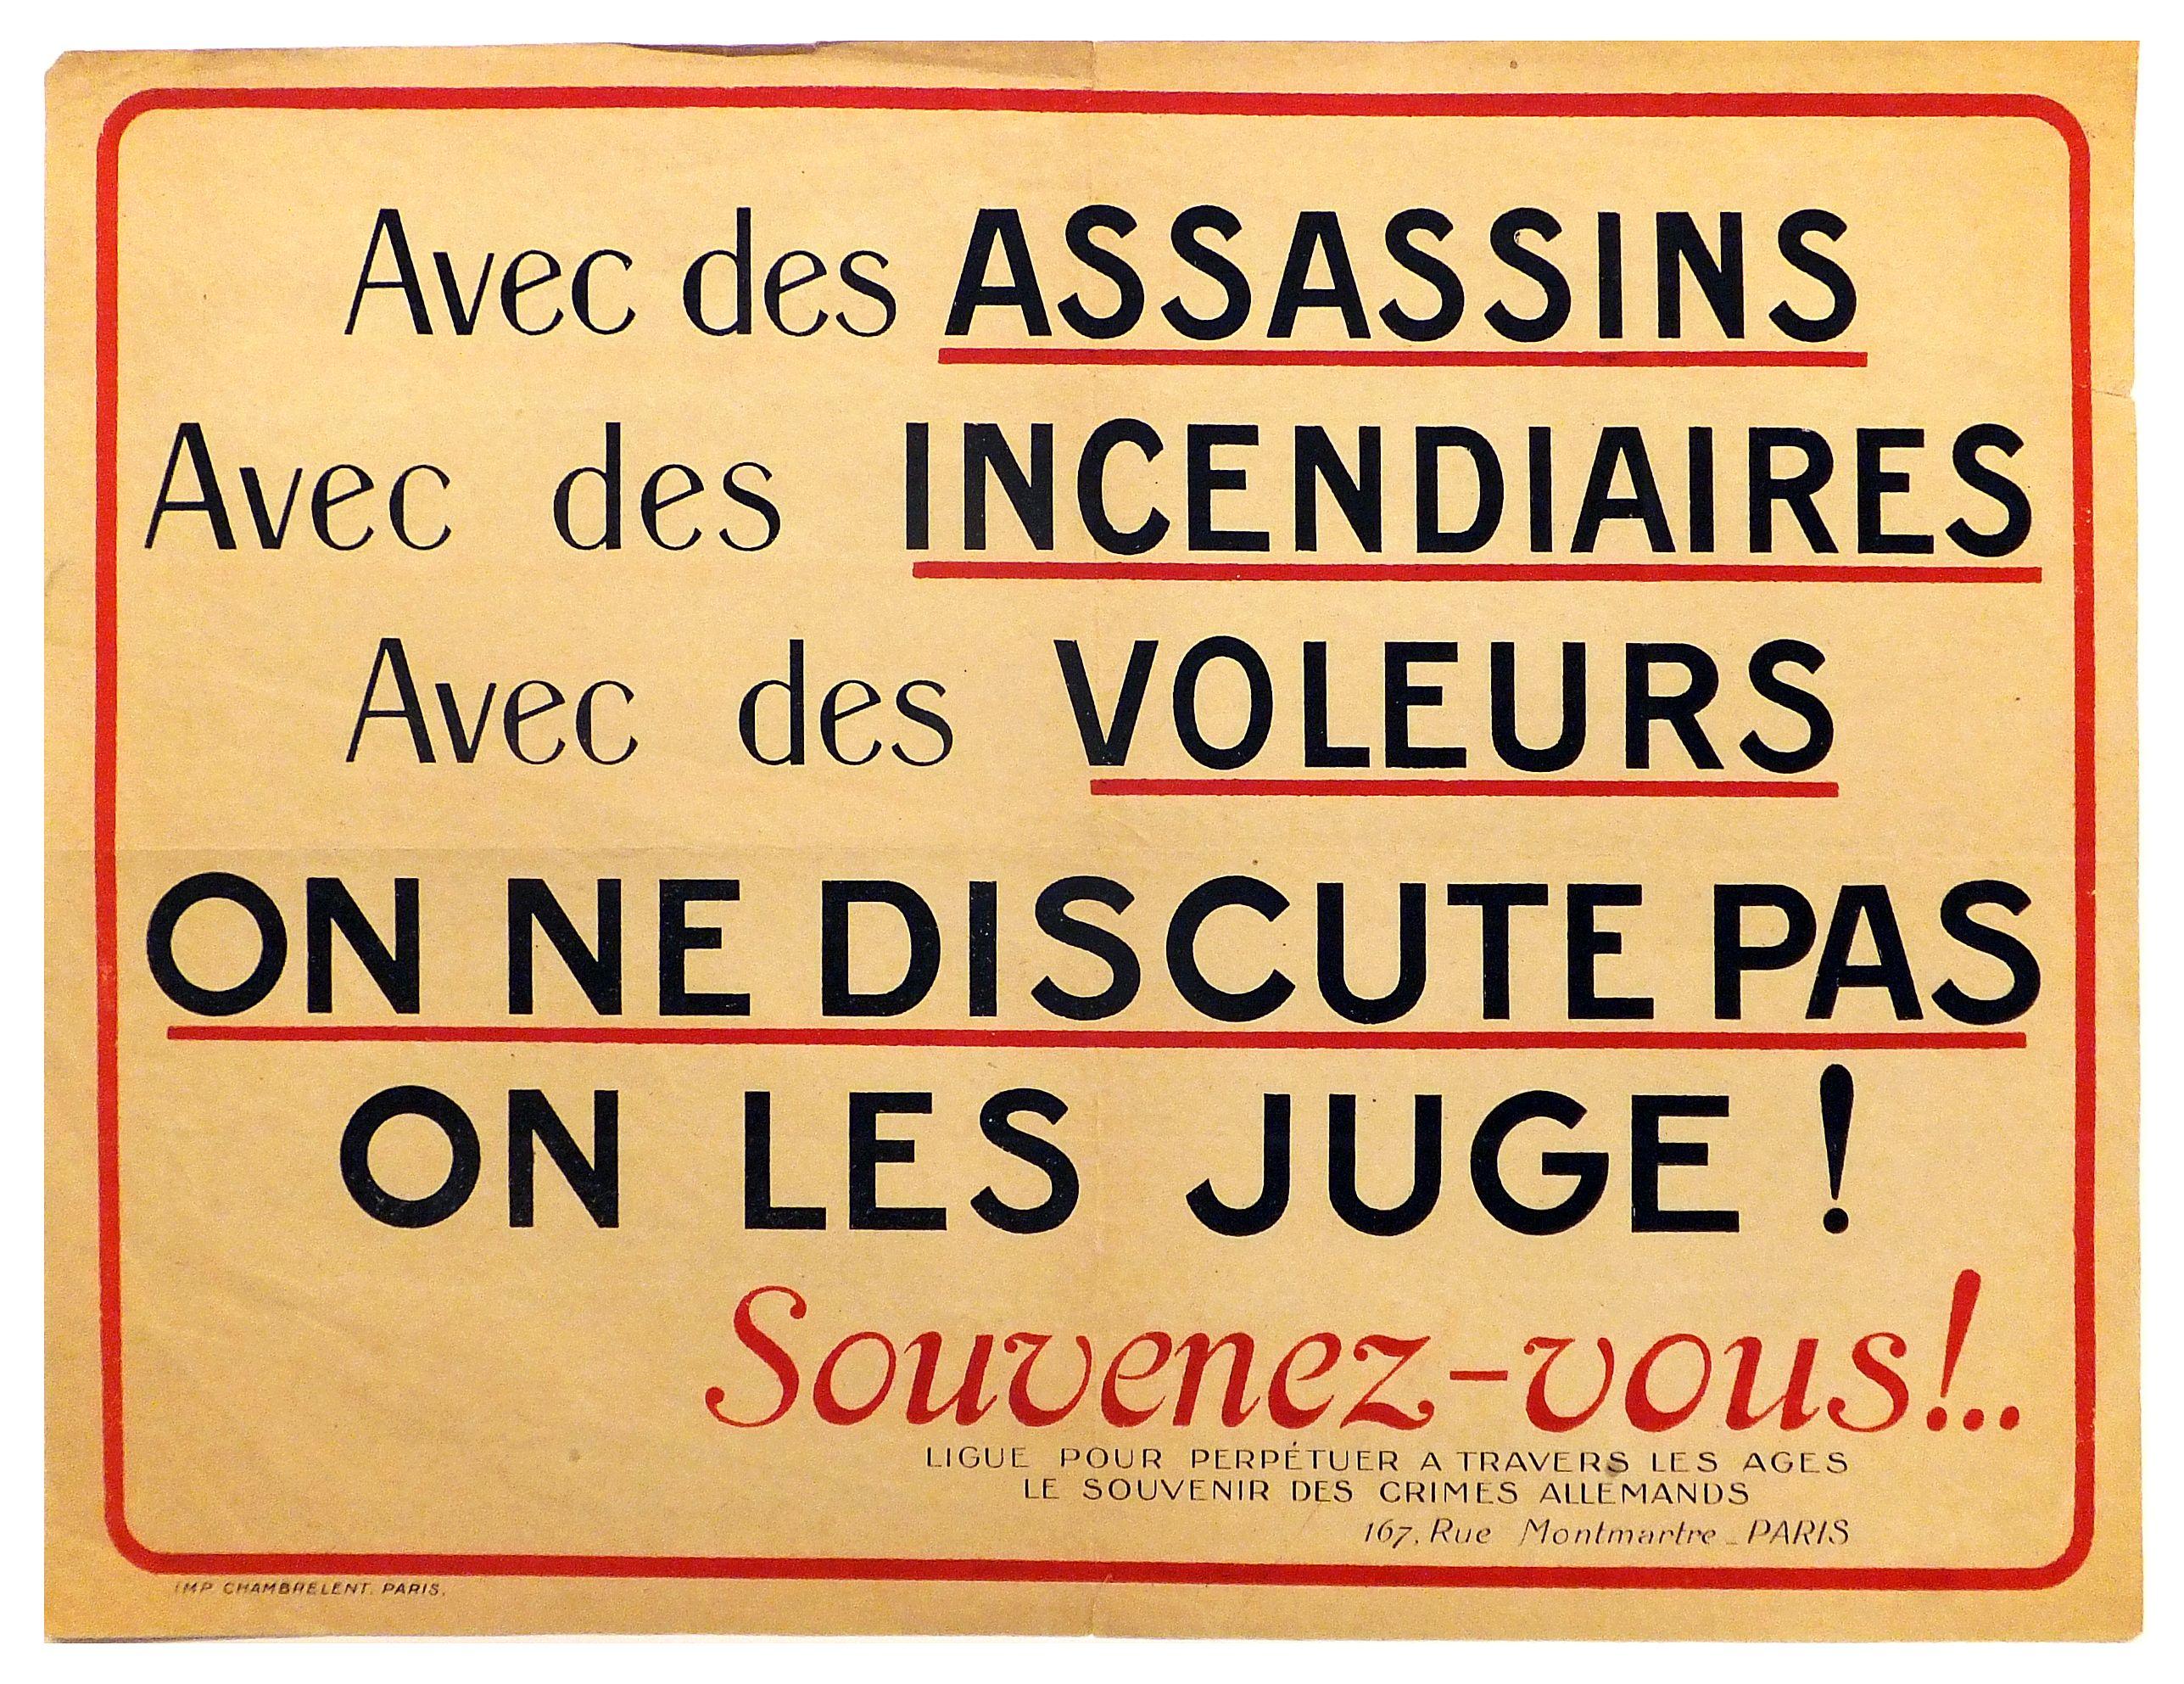 ANONYMOUS -  Avec des assassins, avec des incendiaires, avec des voleurs on ne discute pas on les juge! . . .